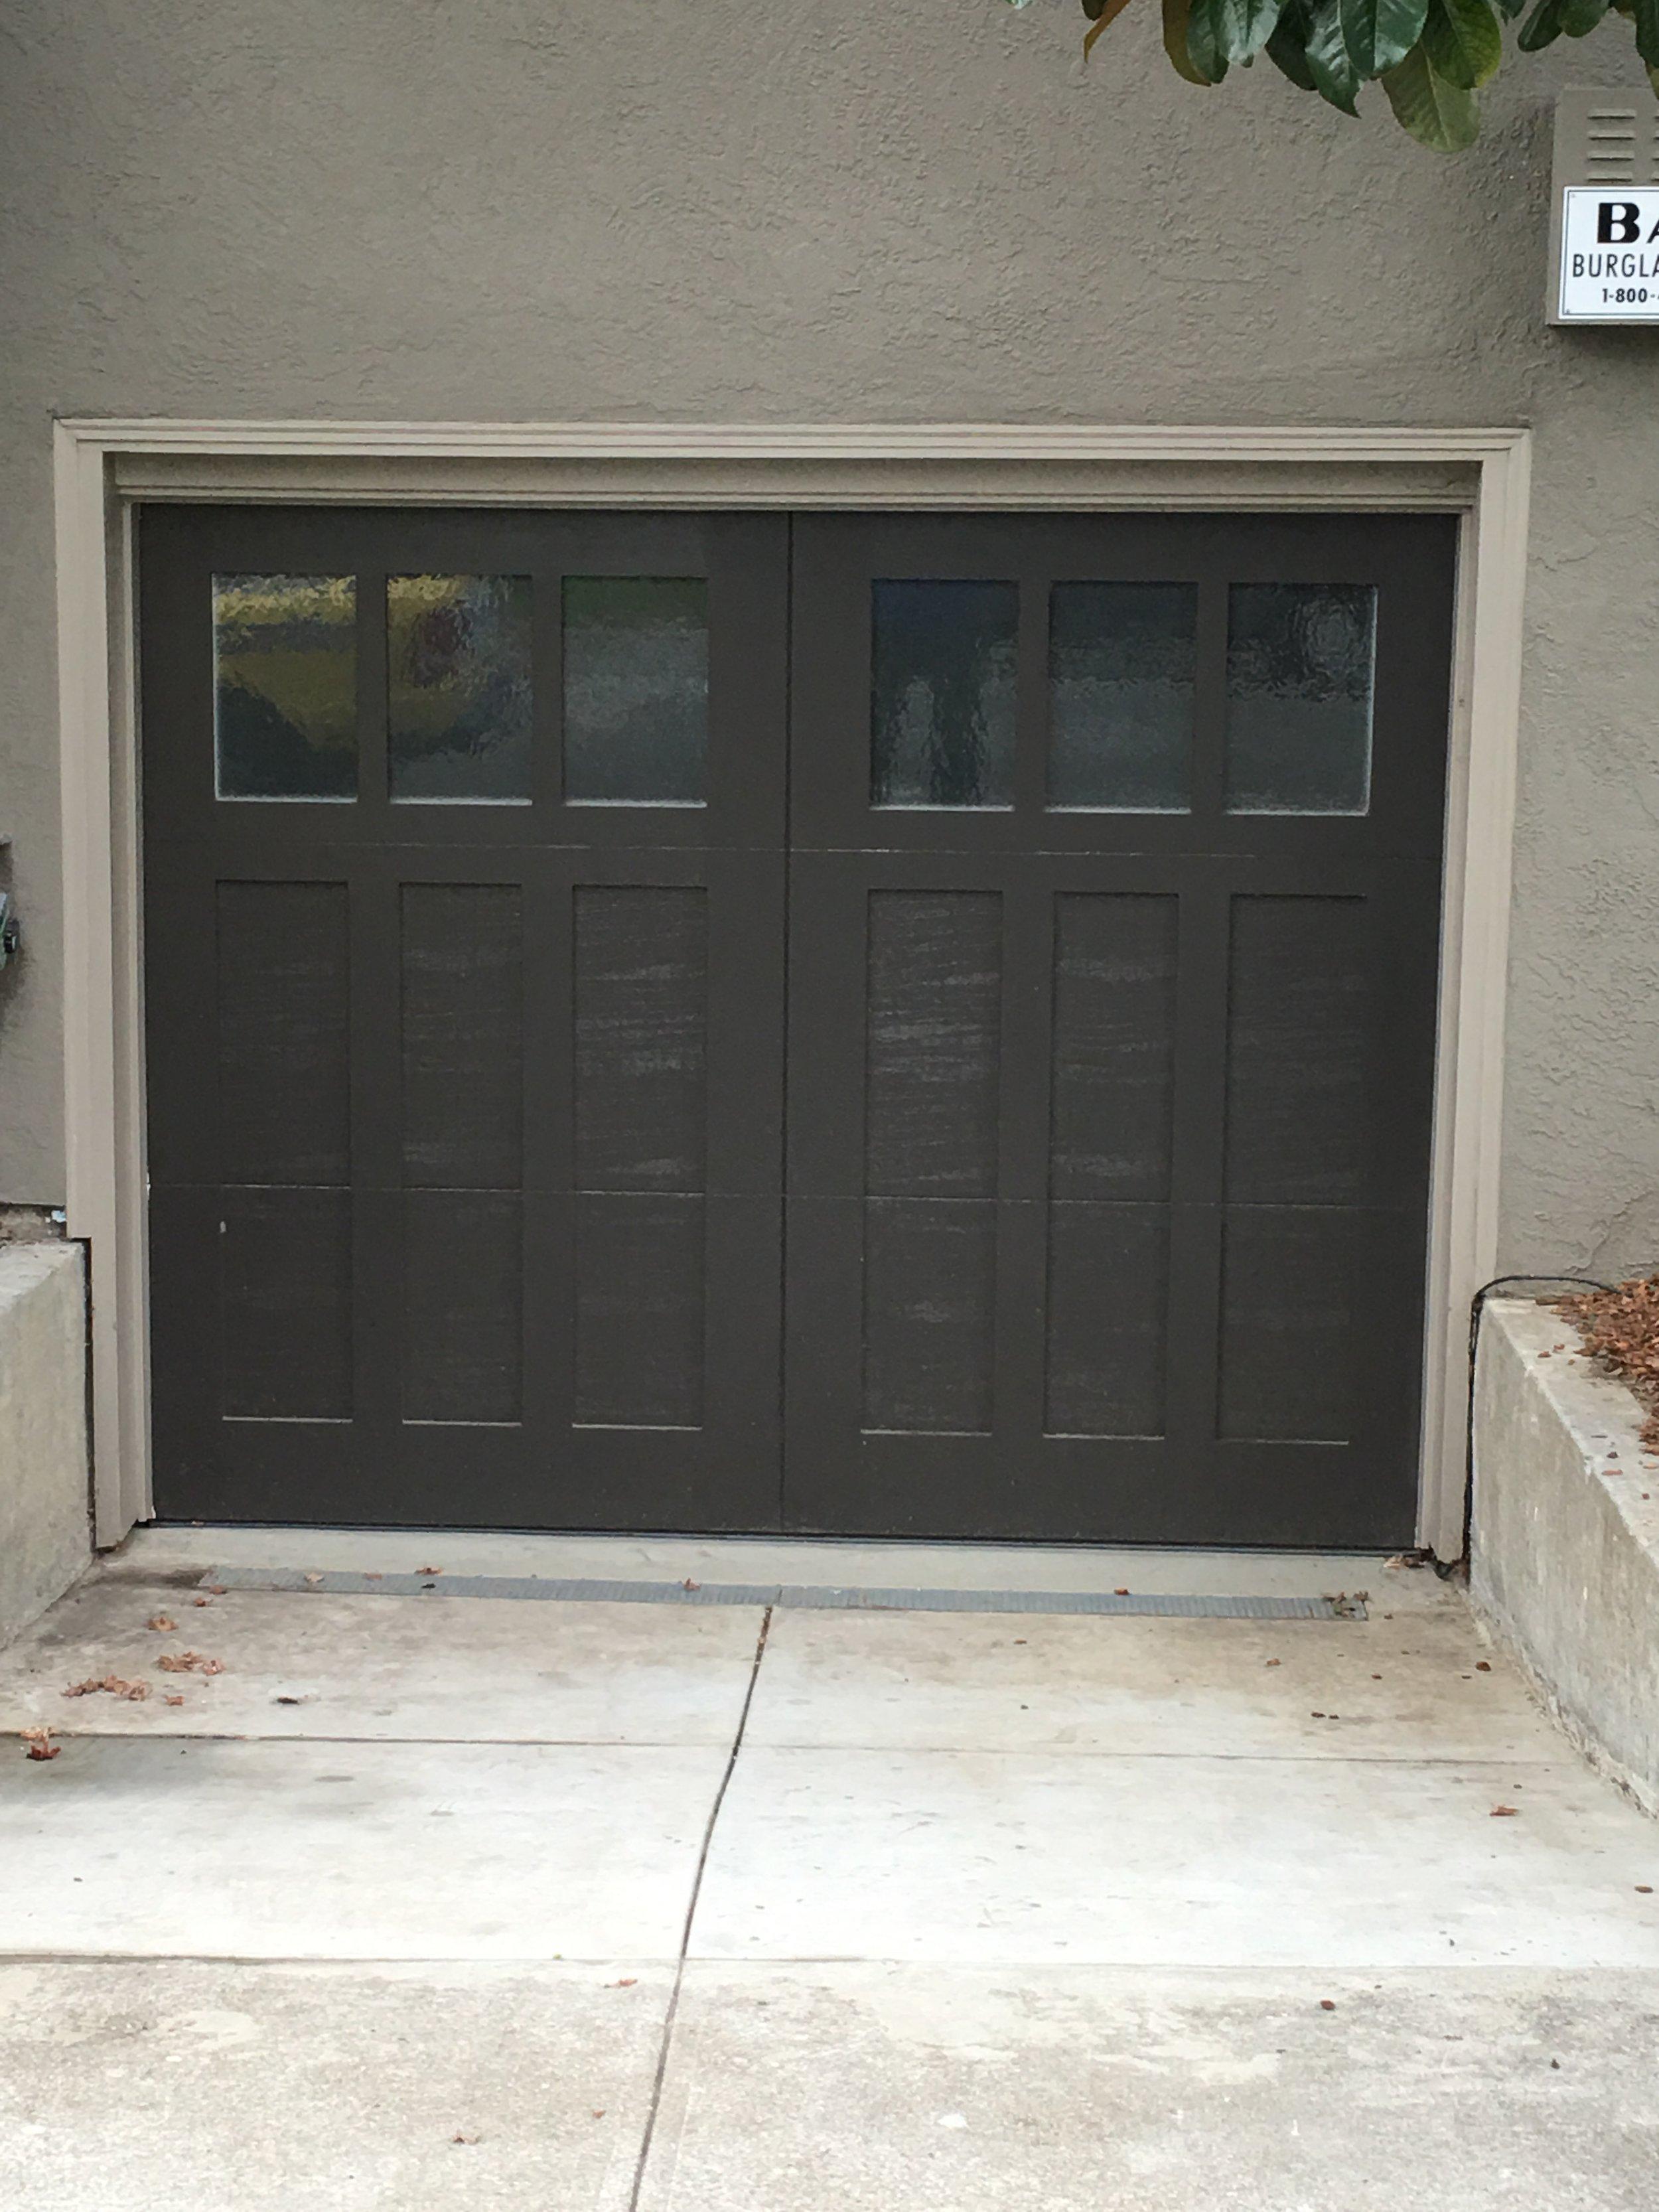 all bay garage doors - carriage house garage door - kevin chervatin - 29.jpg